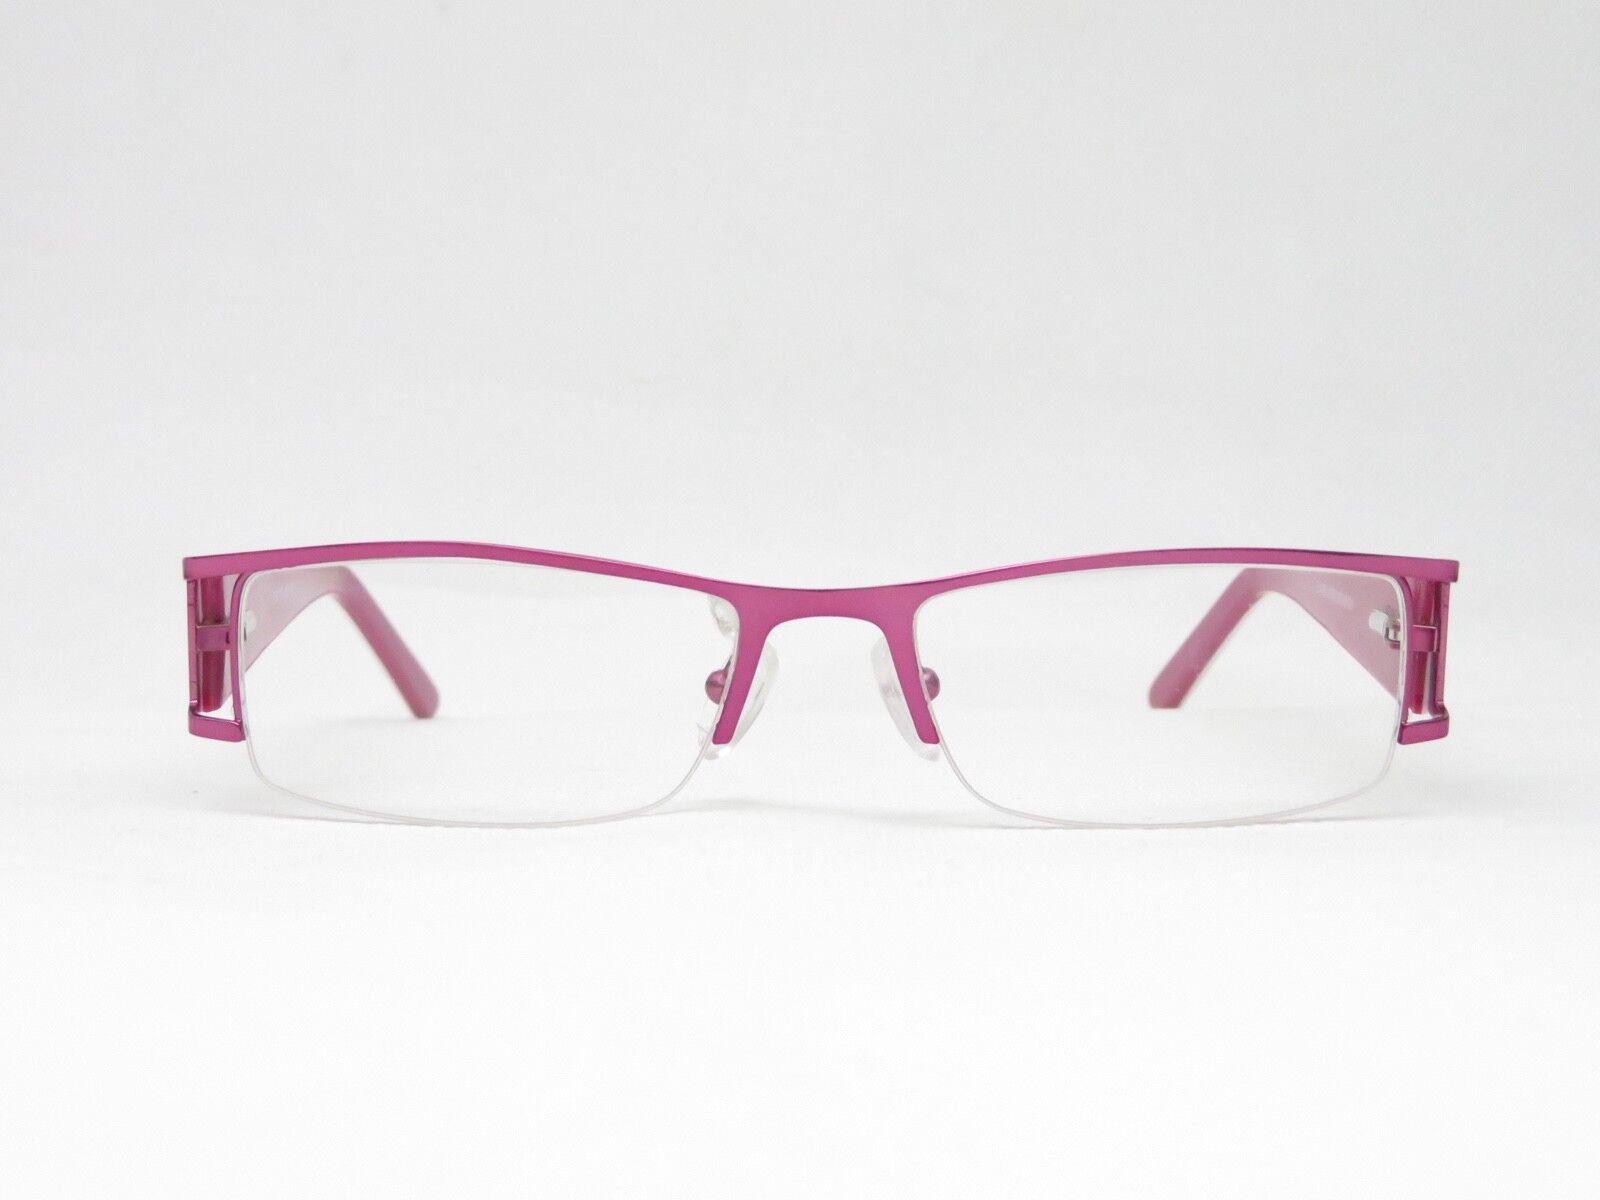 Halbrand Brille Damen NEU Brillengestell rechteckig NYLOR pink schmetterling